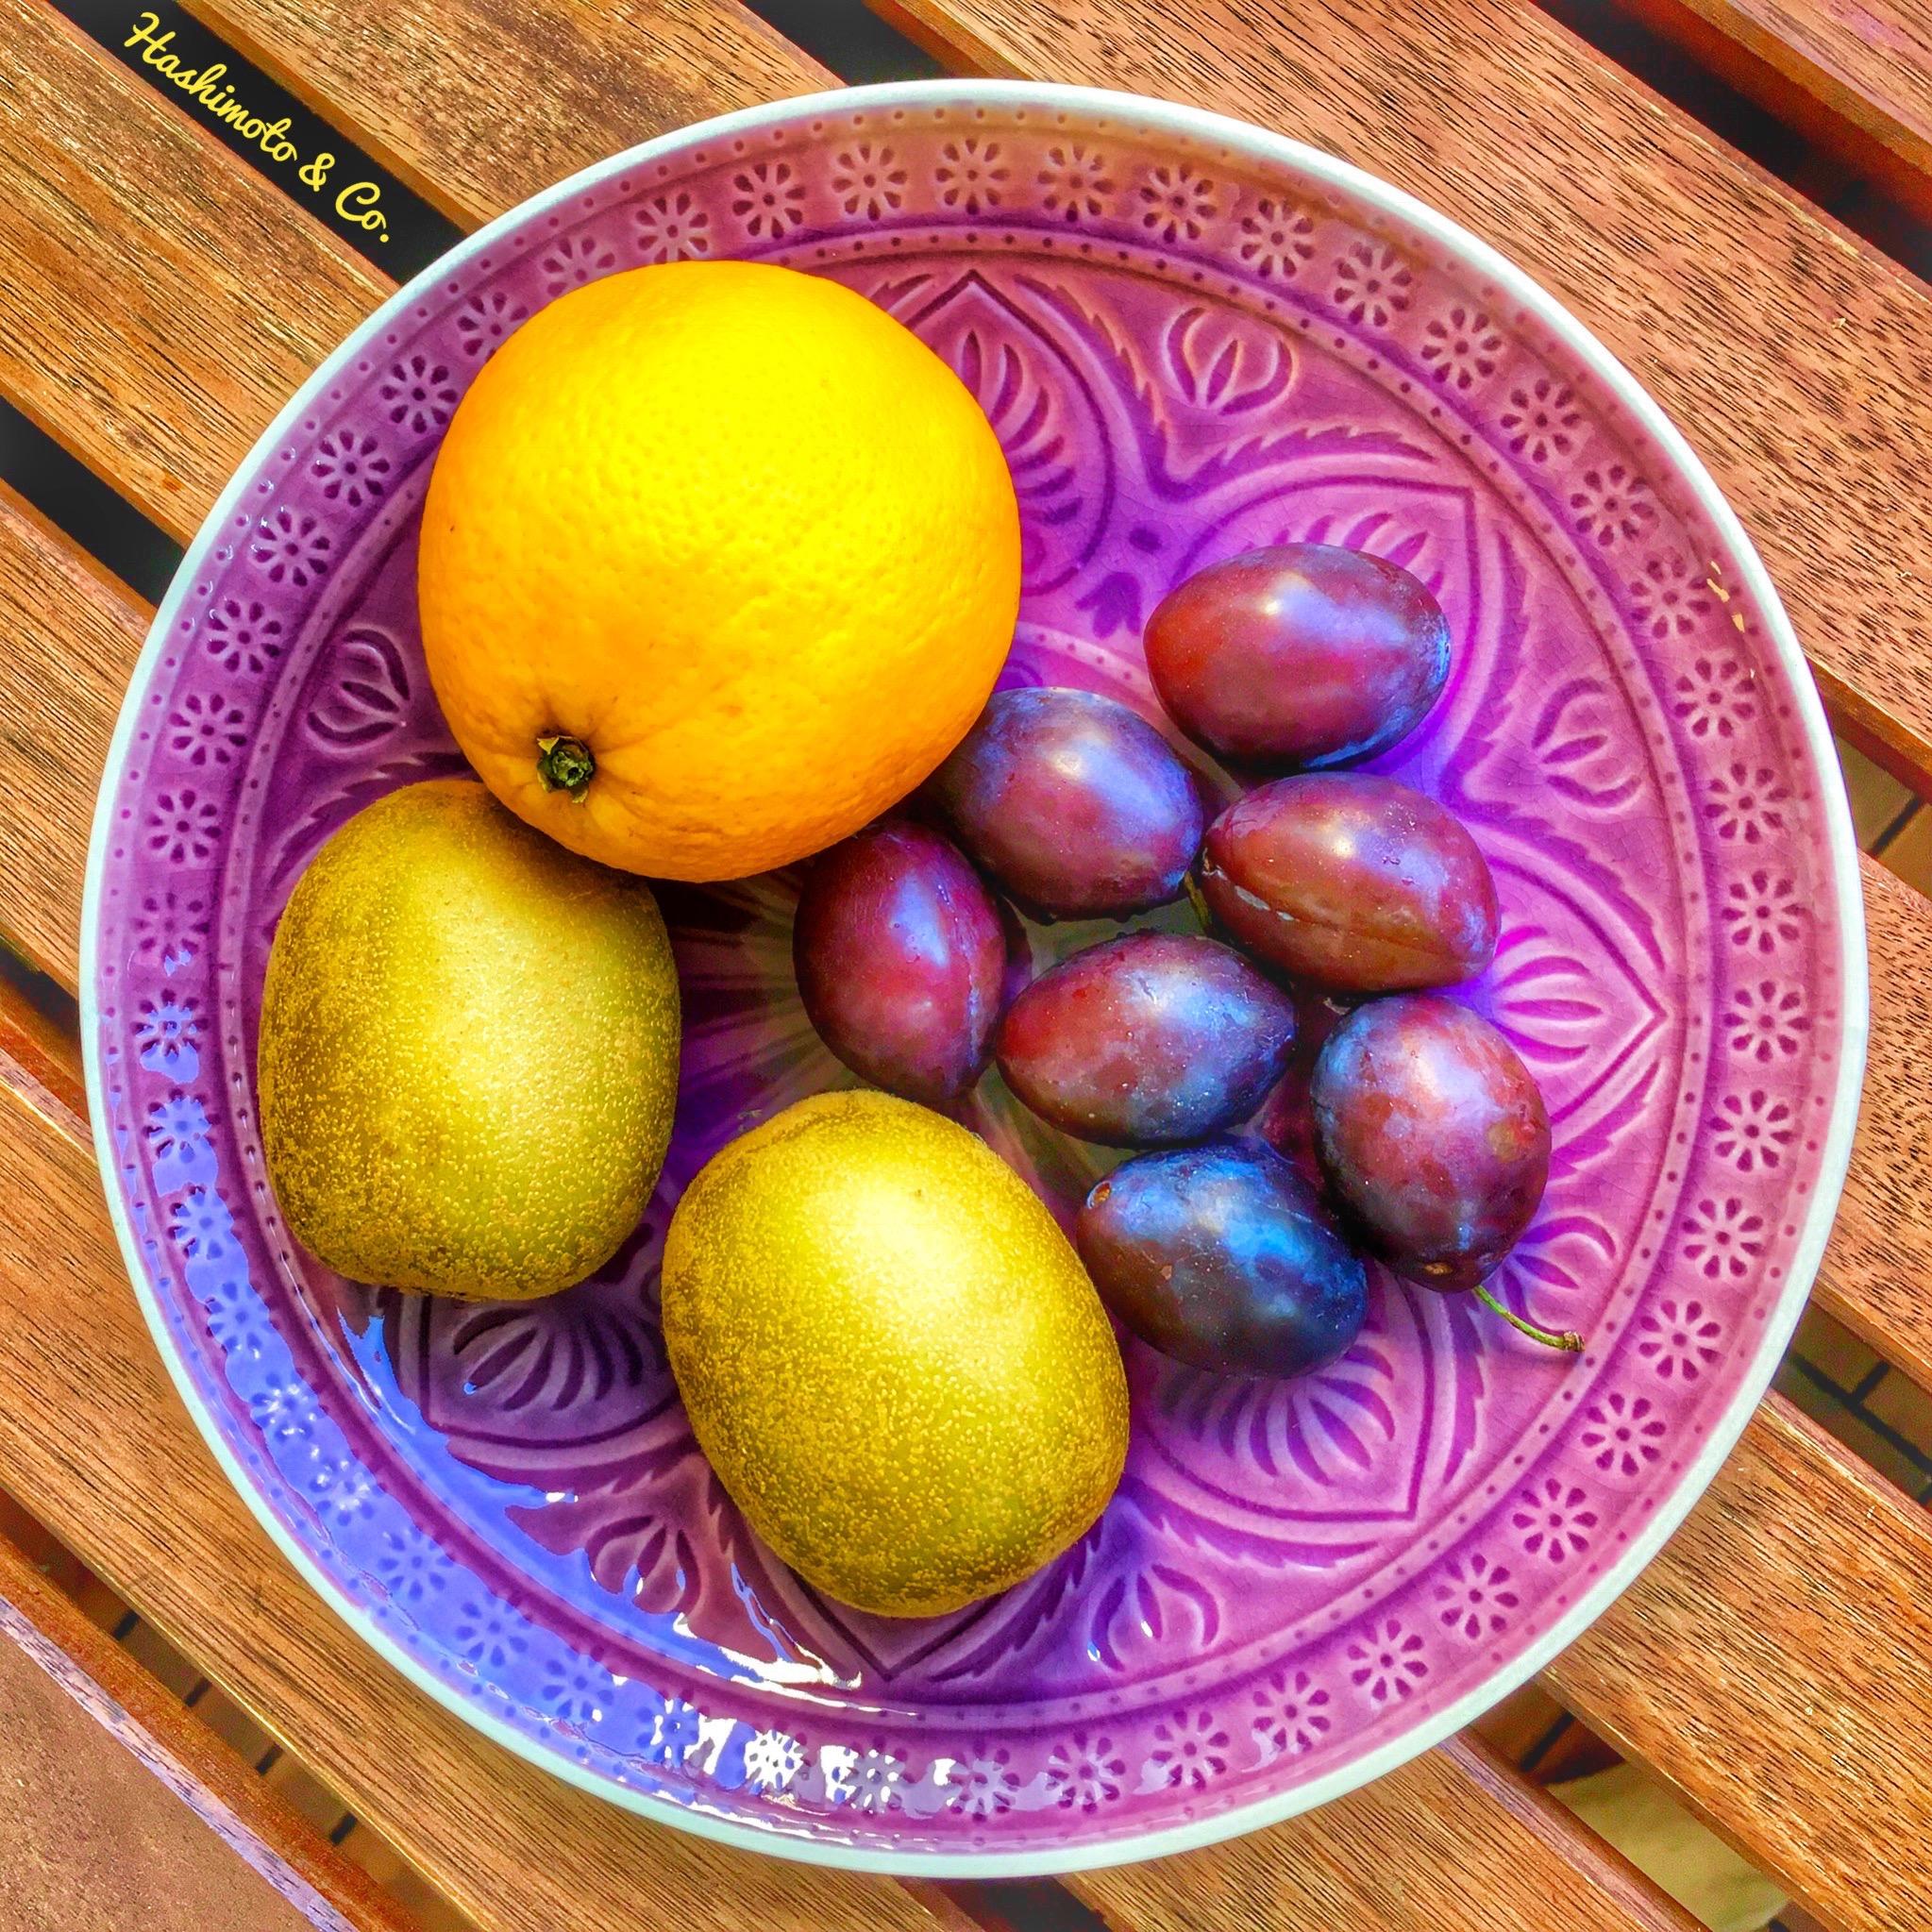 Zwei Kiwis, eine Orange und eine Hand voll Pflaumen. Damit ist dein Fructose-Limit für den Tag erreicht.